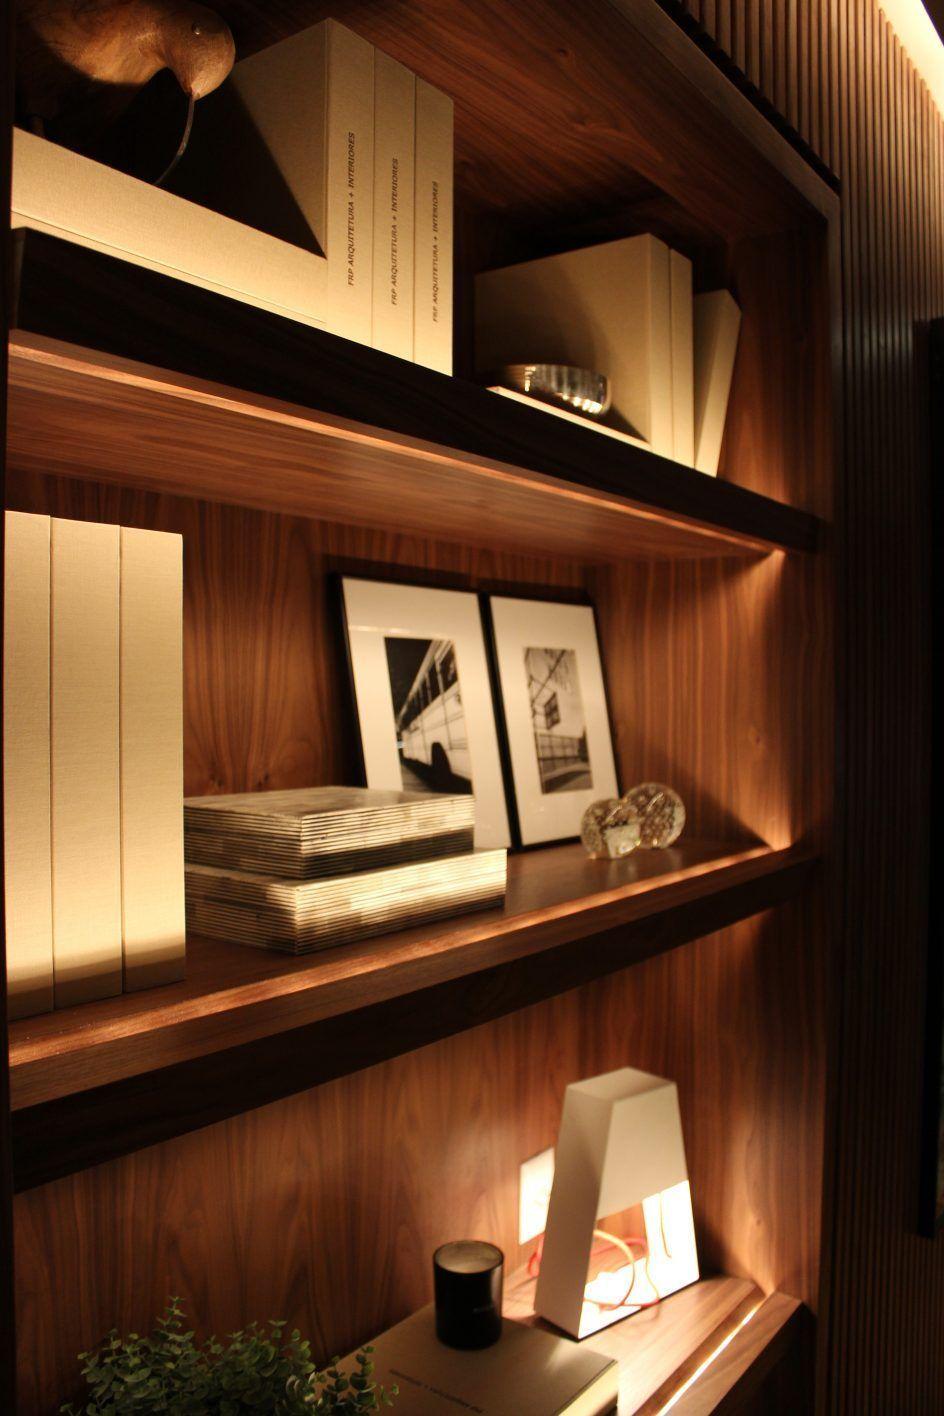 Weisseiche Im Bucherregal Mit Leiter Und Integrierter Beleuchtung In 2020 Bookshelf Lighting Bookshelf Design Bookshelves In Living Room